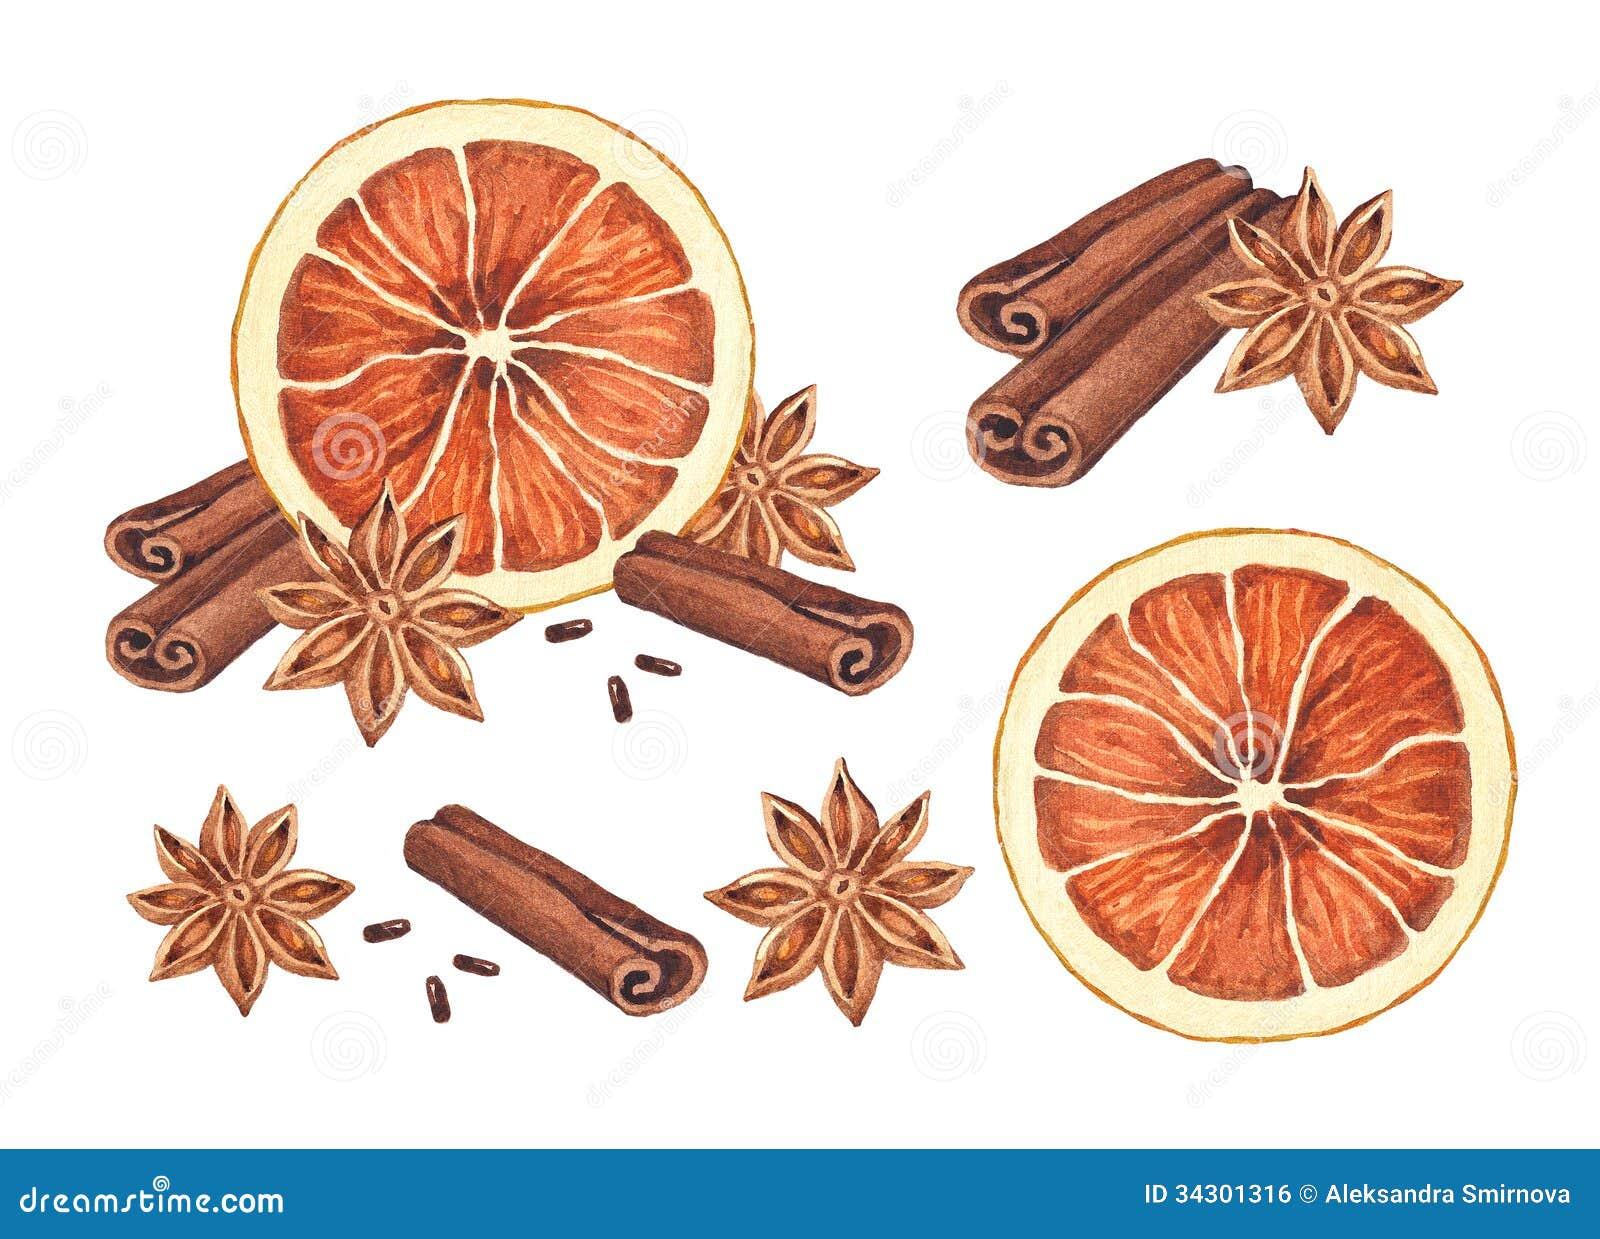 cinnamon stick clip art